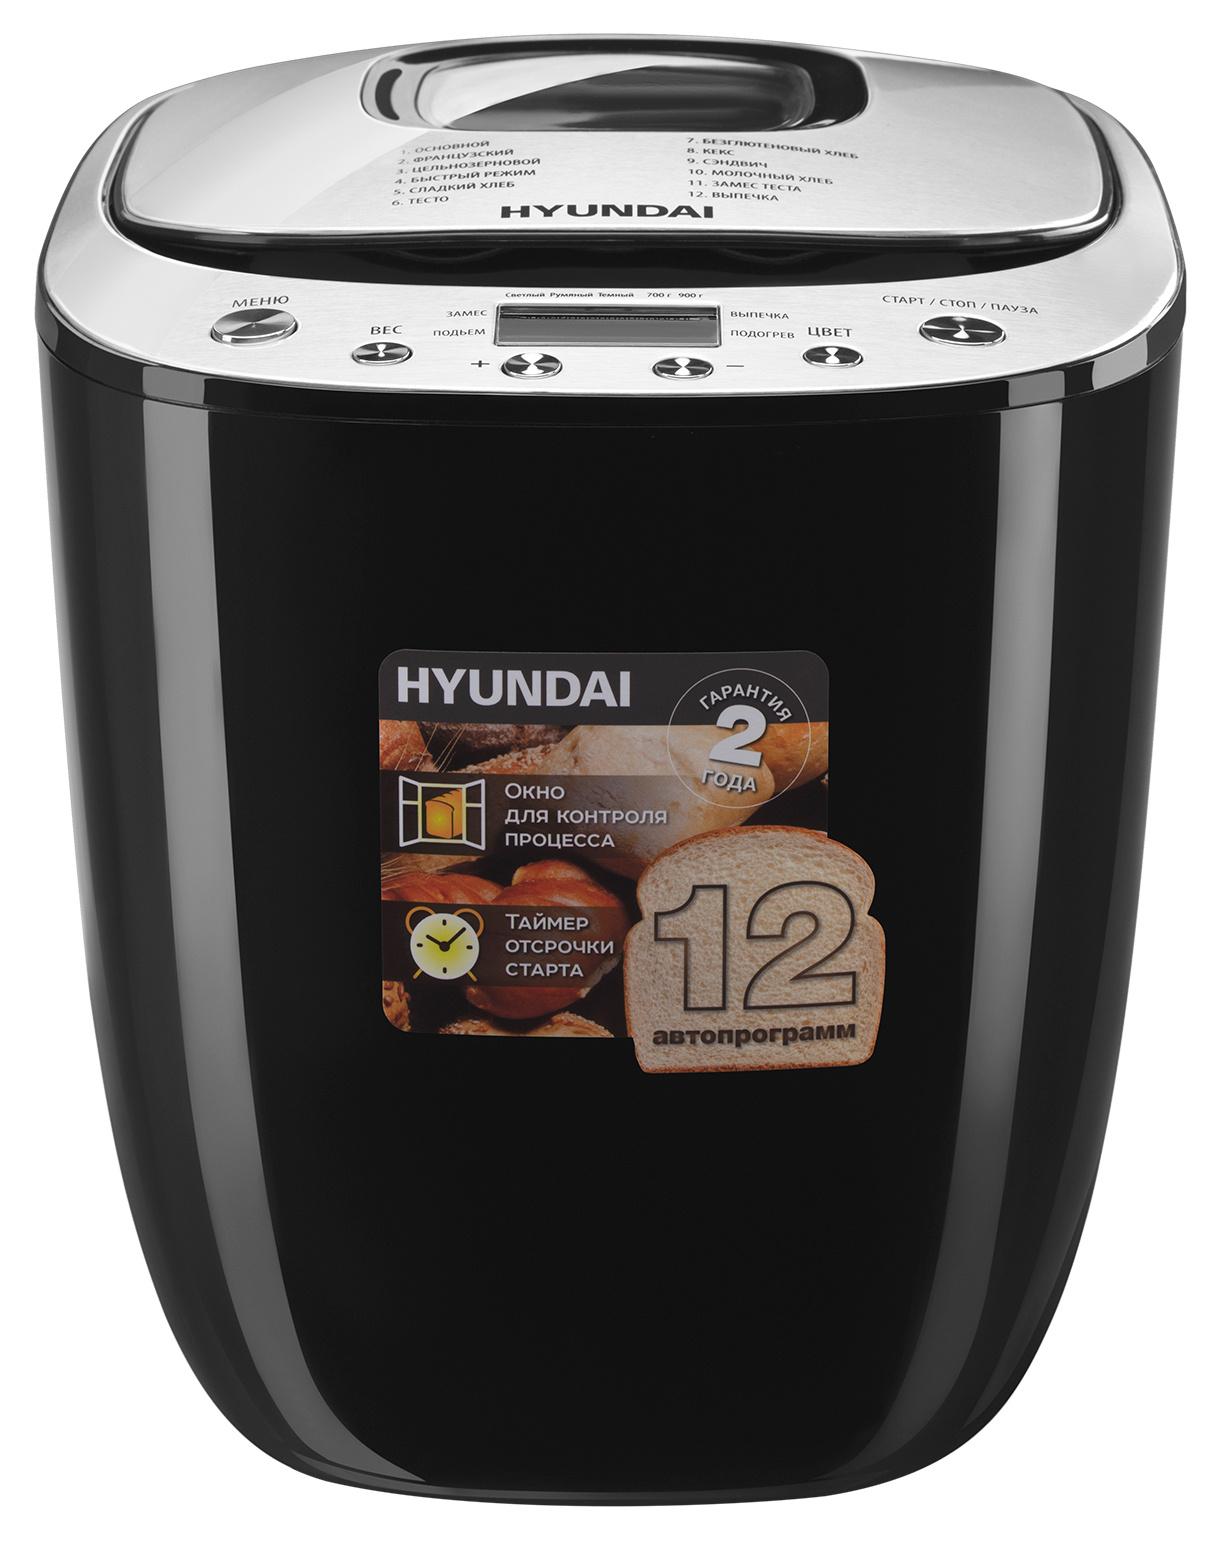 Хлебопечь Hyundai HYBM-P0212 600Вт черный/серебристый